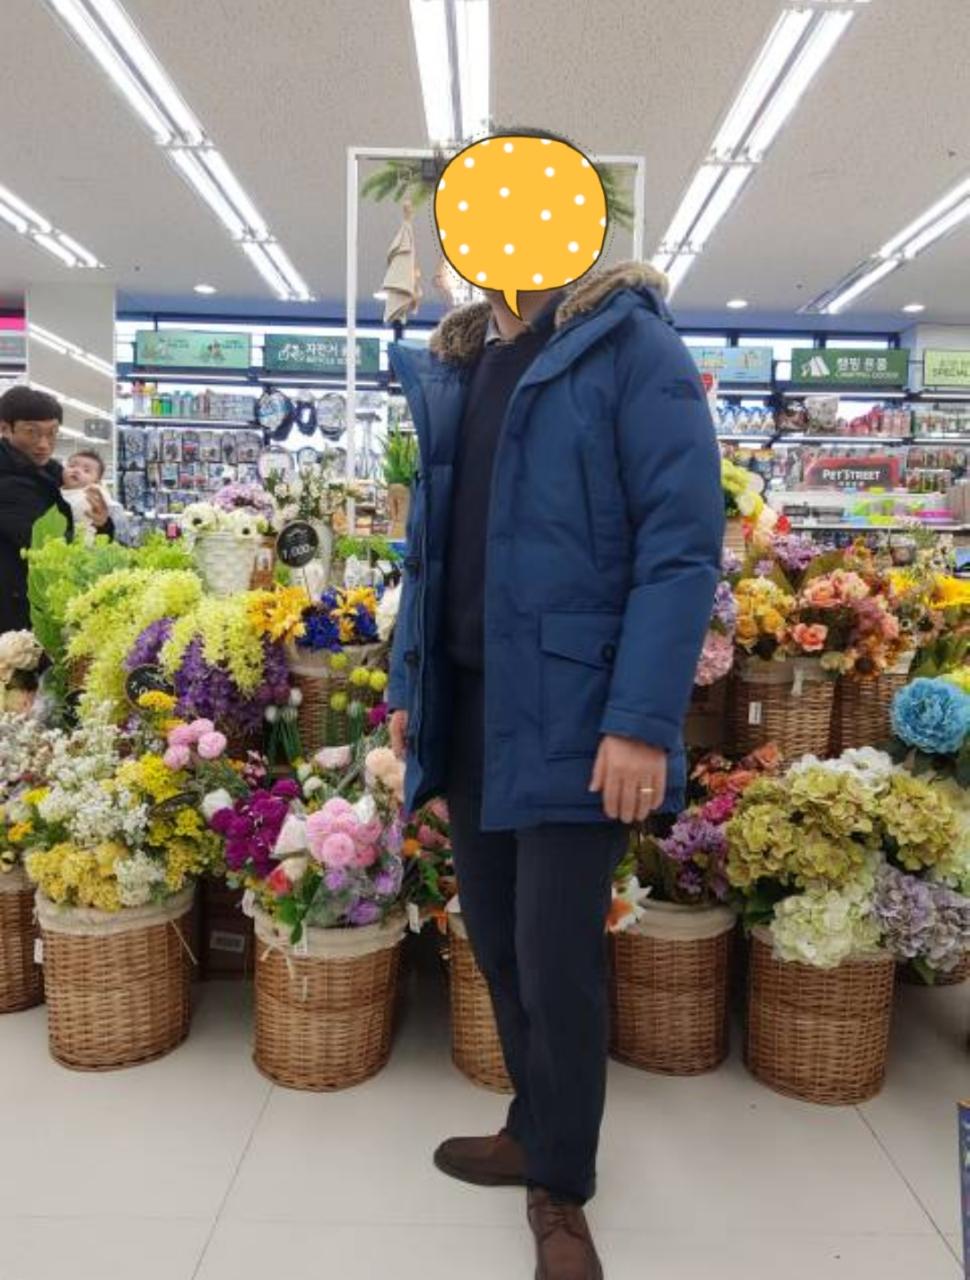 [노스페이스]색감이쁜 블루패딩 다운자켓 95 팔아요!!